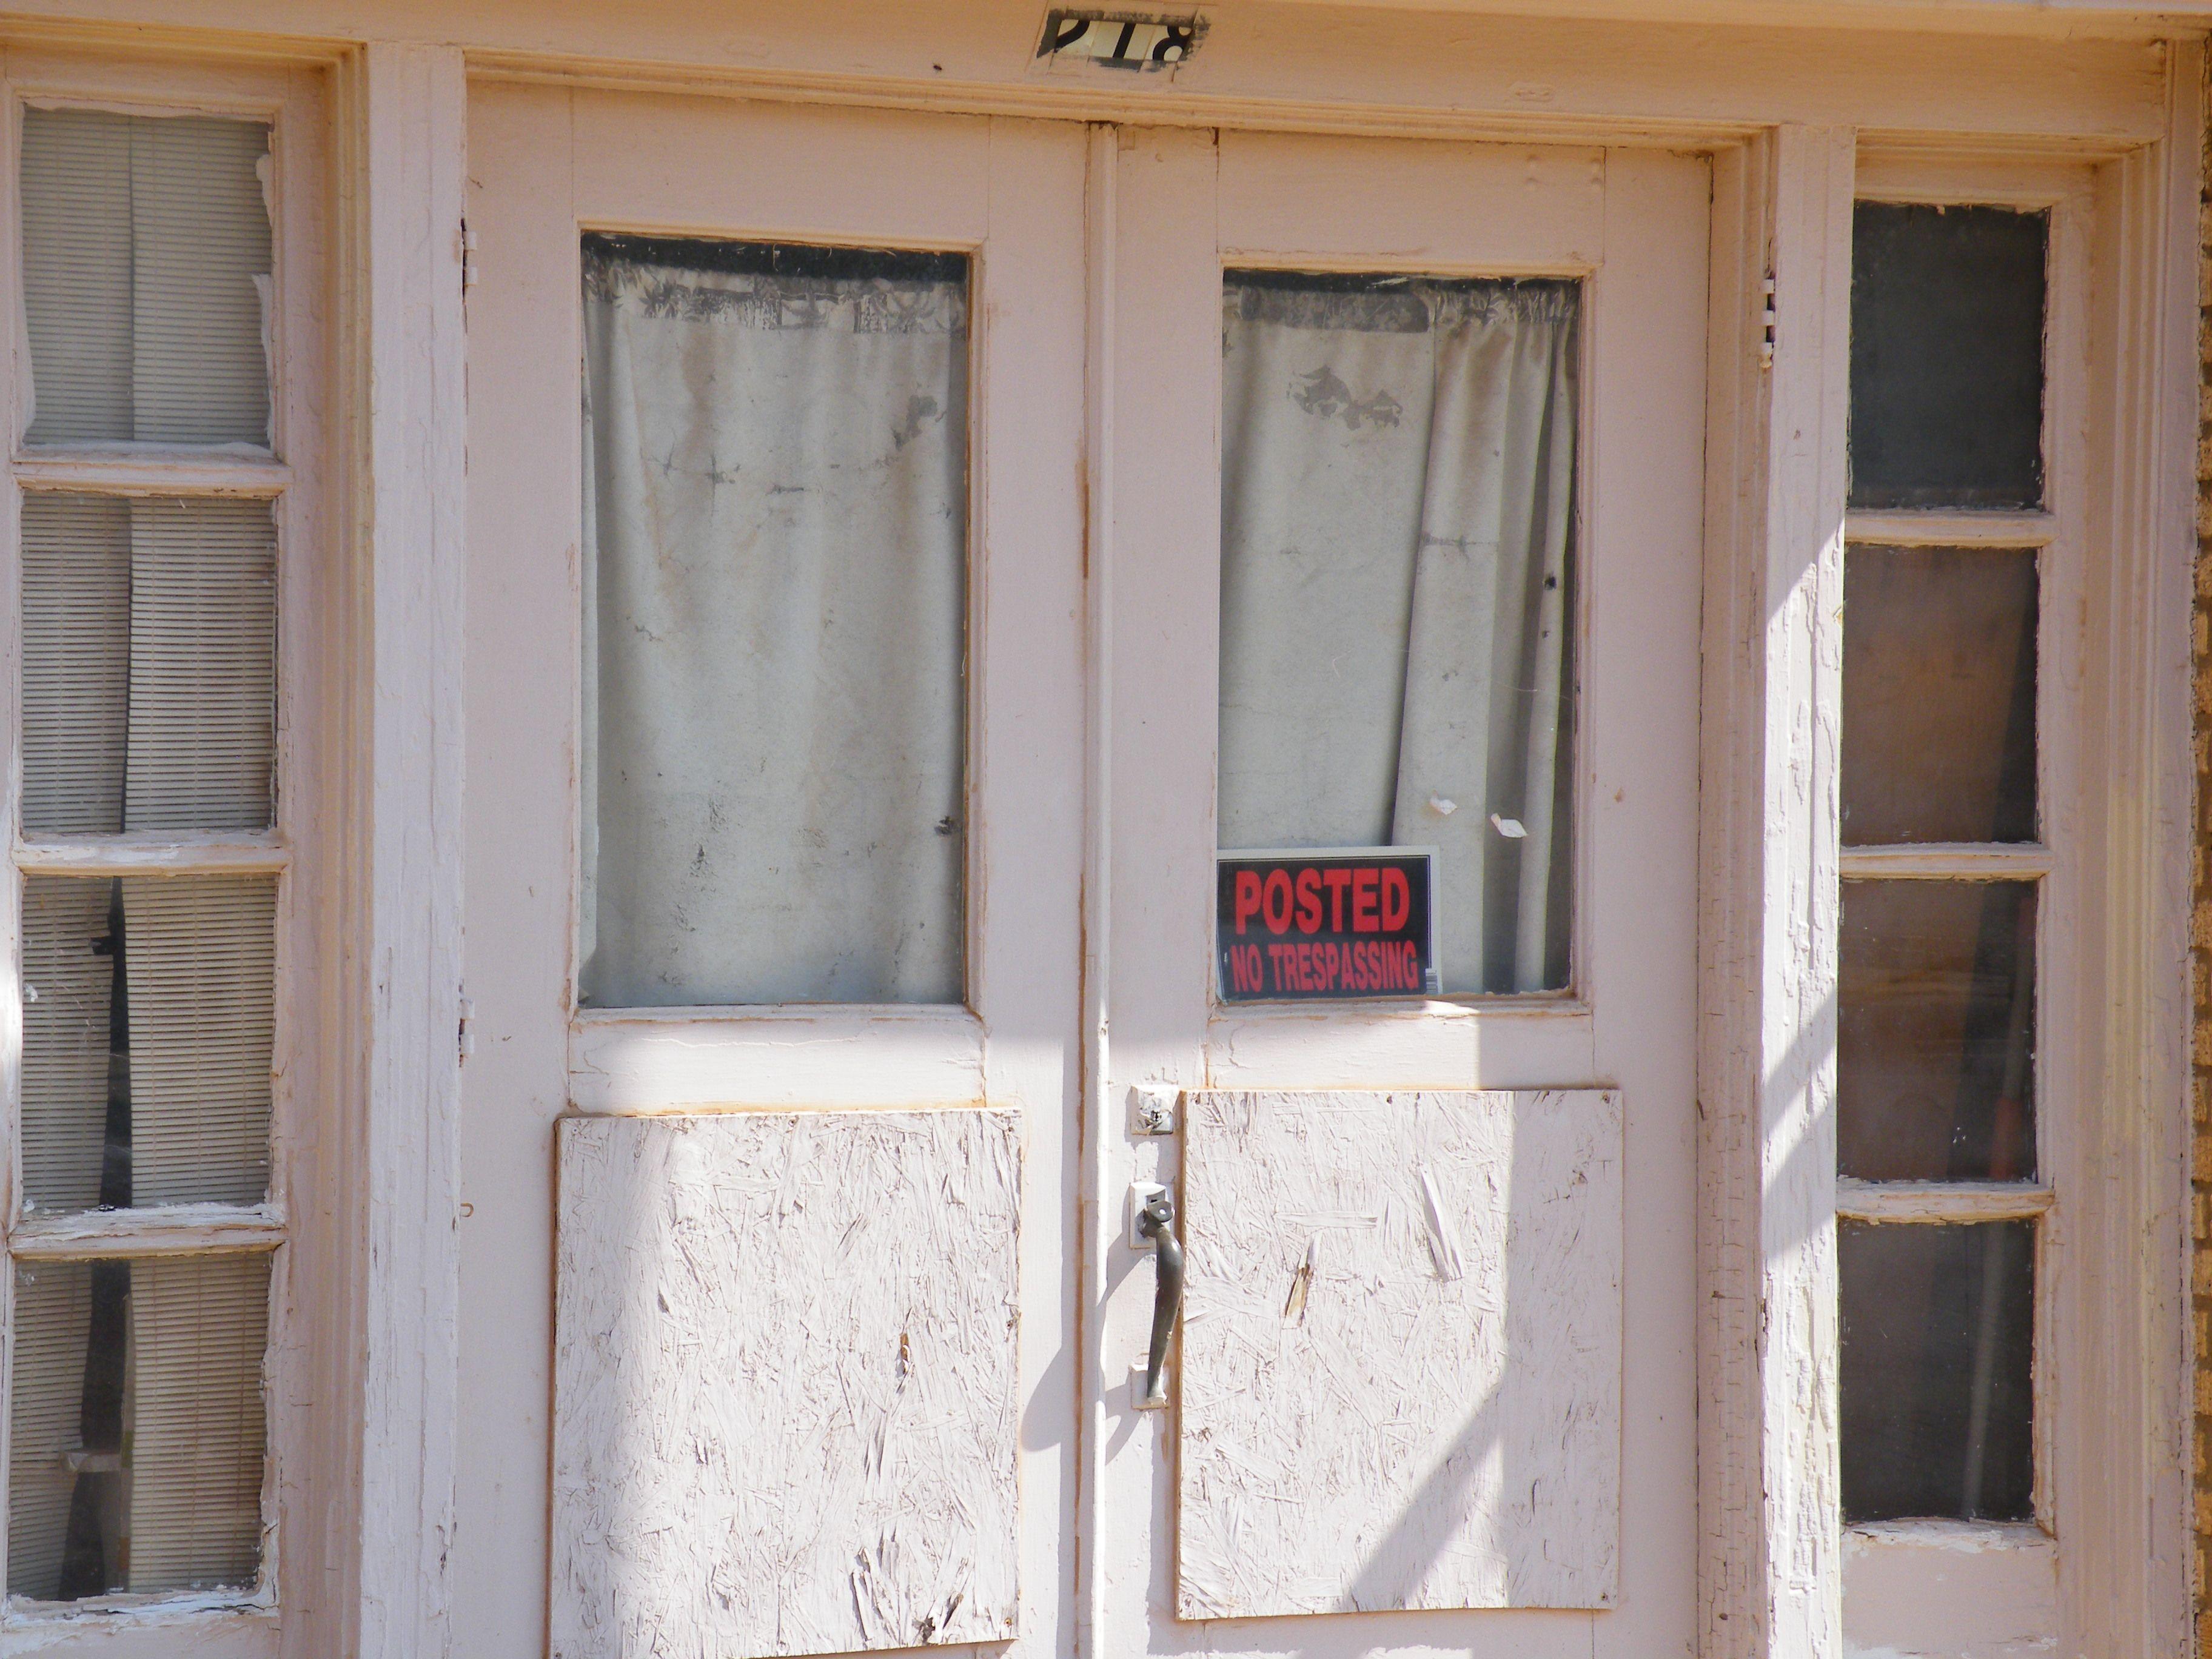 Closed Hotel In Childress Tx Photo Taken By Joe Zillmer